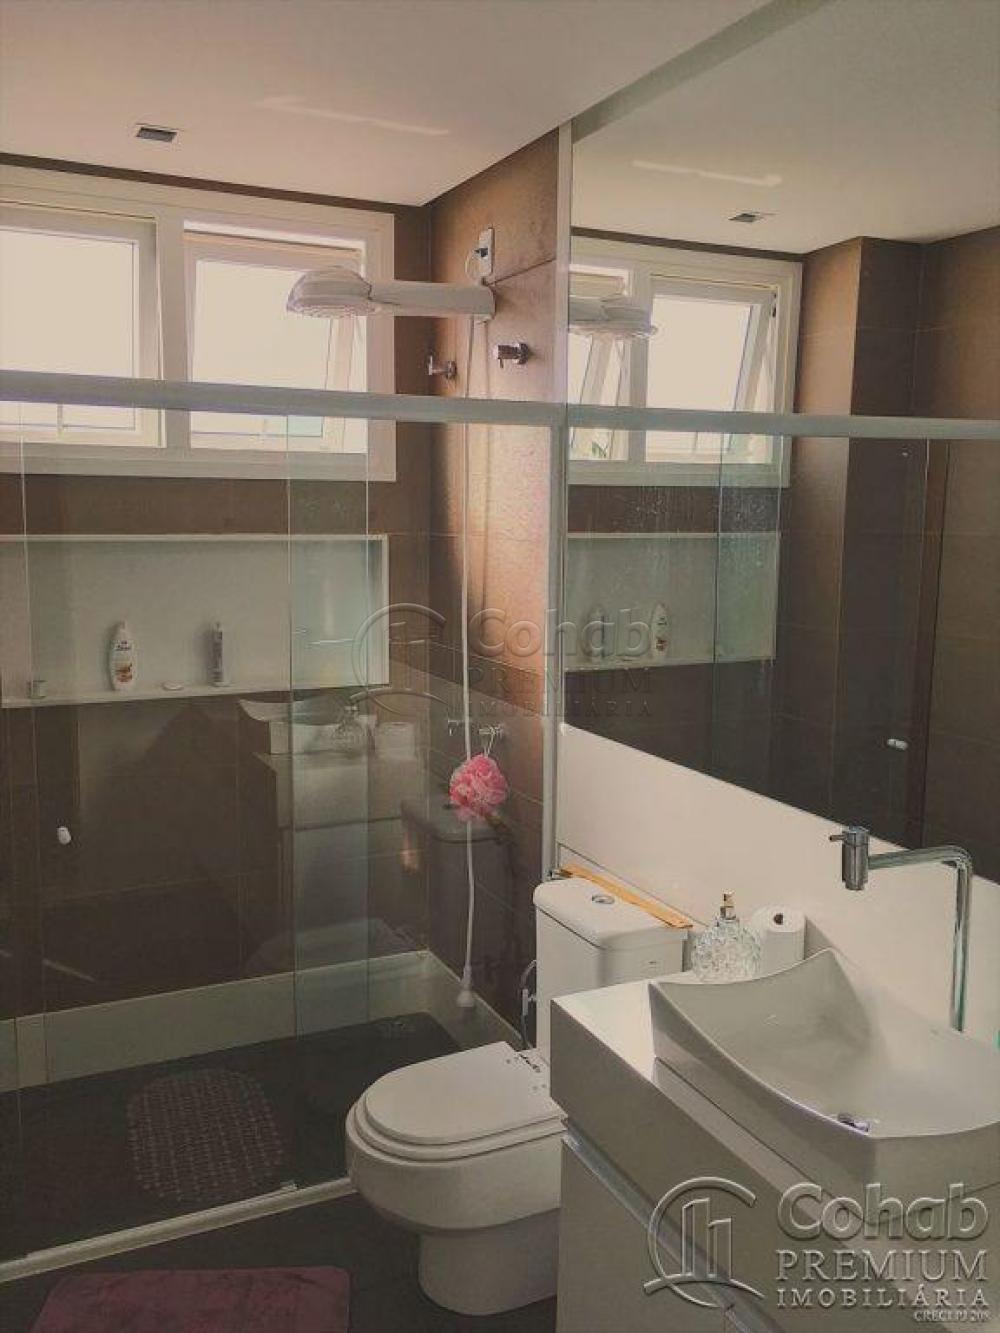 Comprar Casa / Condomínio em Aracaju apenas R$ 2.250.000,00 - Foto 16